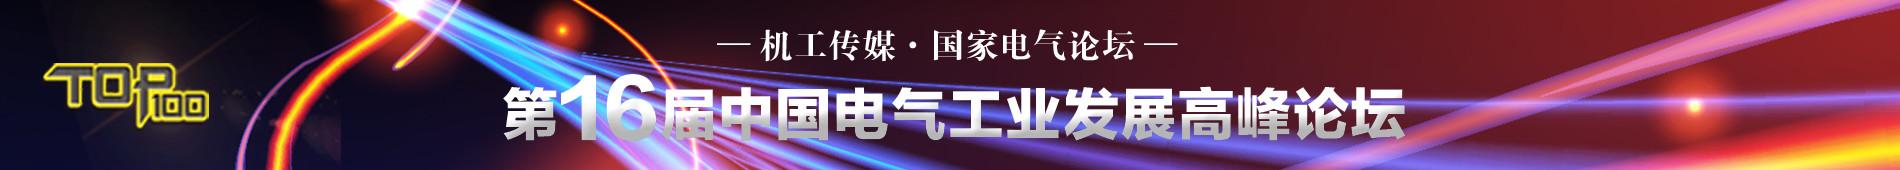 百强自广告